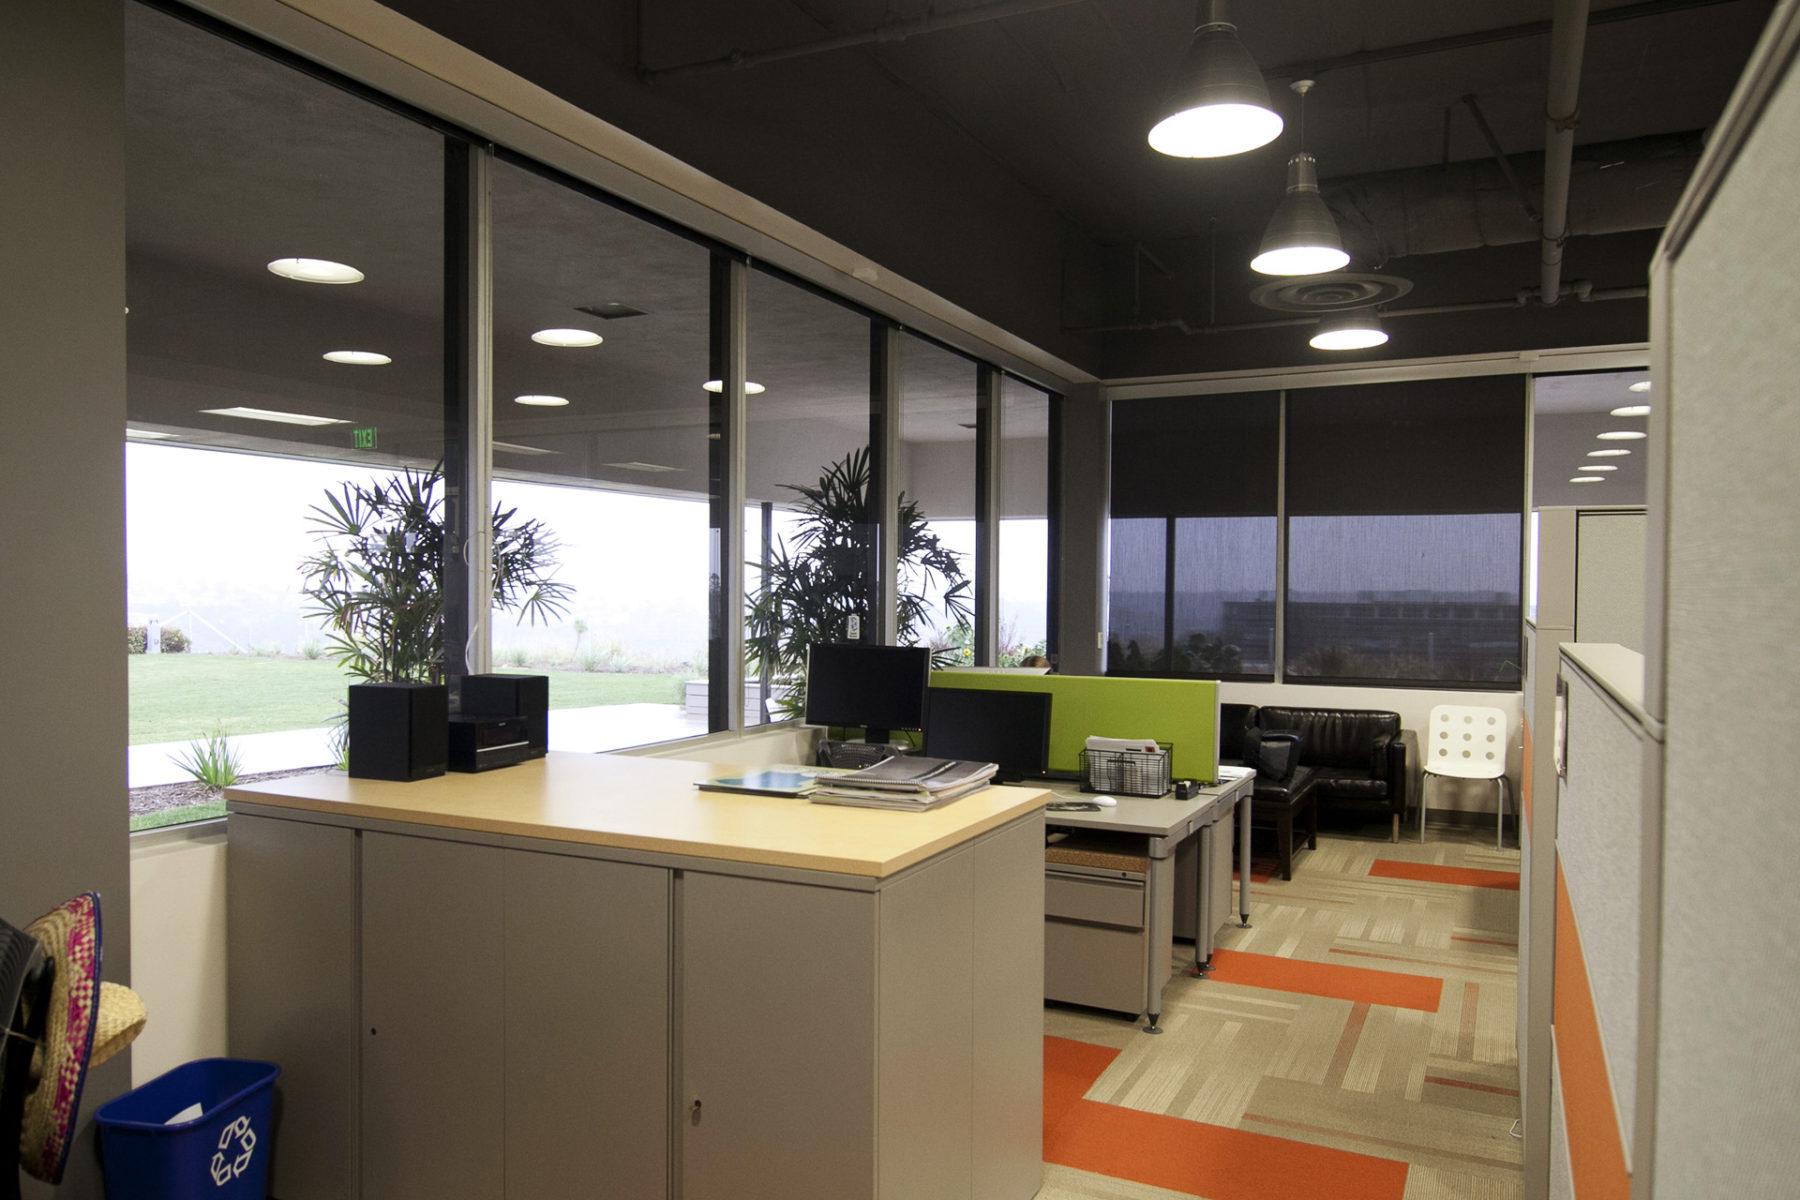 EN Desks